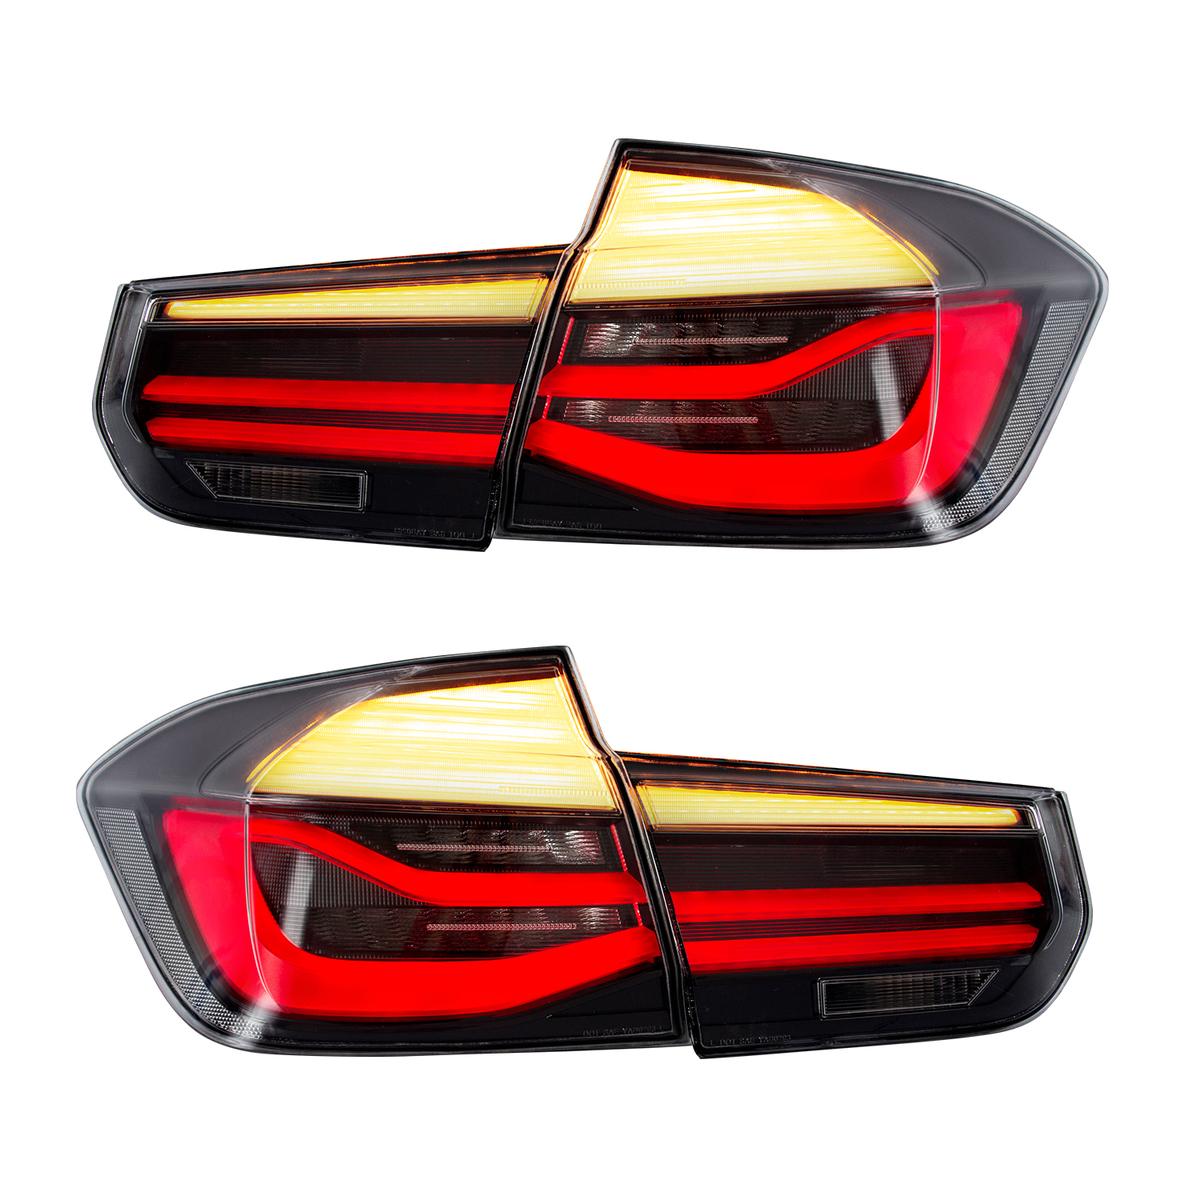 流れる ウインカー BMW F30 3シリーズ,全LED USEKA 3シリーズ テールランプ リアライト テールライト テールレンズ F35 F80 パフォーマンスルック全LED 2013-2015 M3 tail LIGHT 人気急上昇 FOR スモーク 注文後の変更キャンセル返品 13-15年 LED LAMP 仕様 左右セット新品